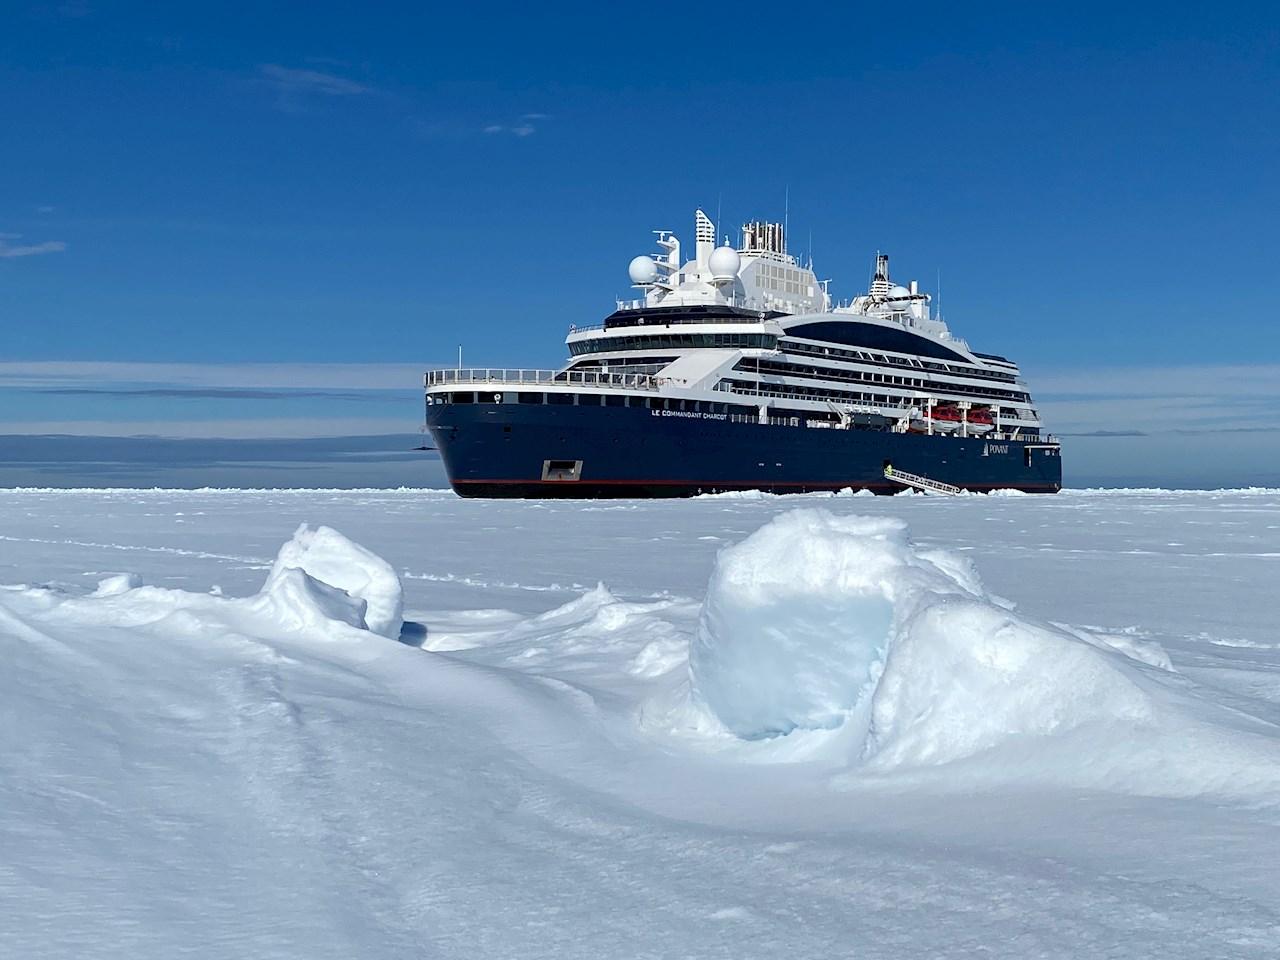 Полярният изследователски кораб Le Commandant Charcot на път през леда (Изображение © PONANT-Nicolas Dubreuil).